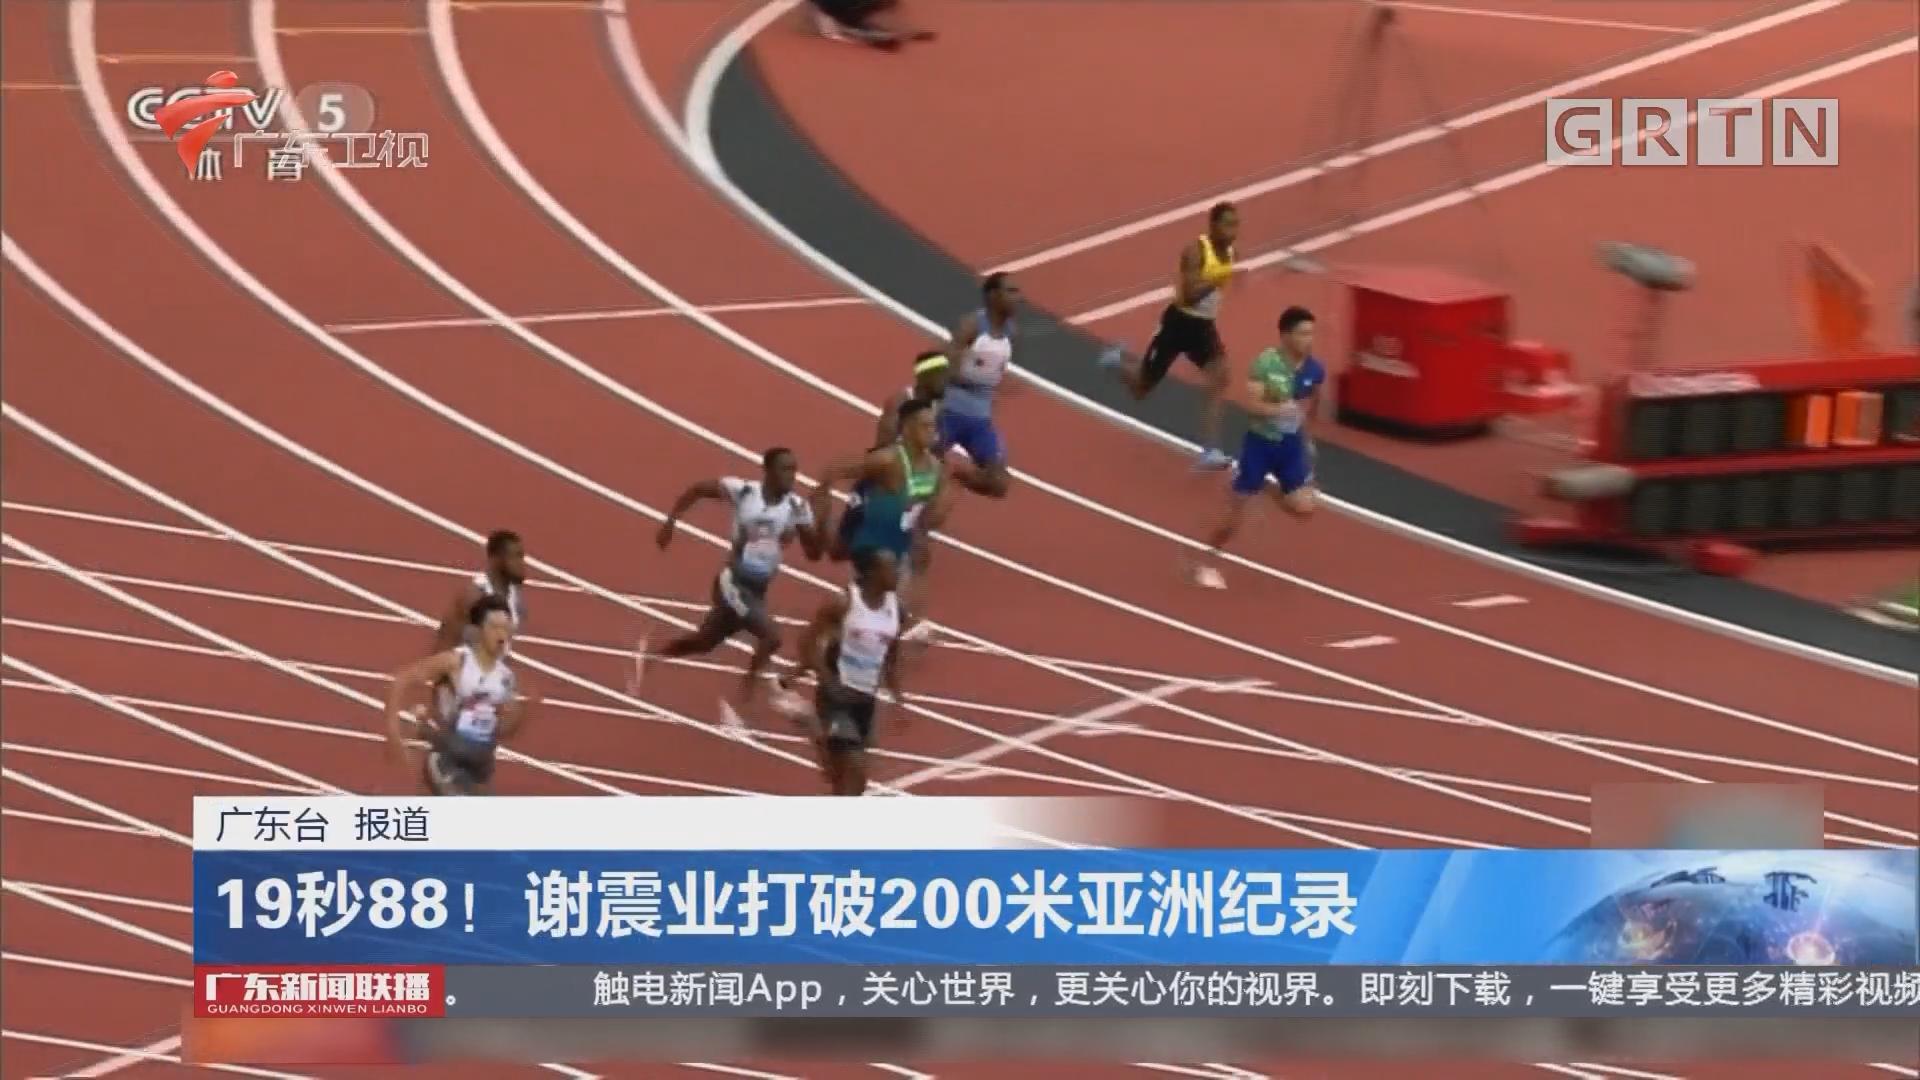 19秒88!谢震业打破200米亚洲纪录